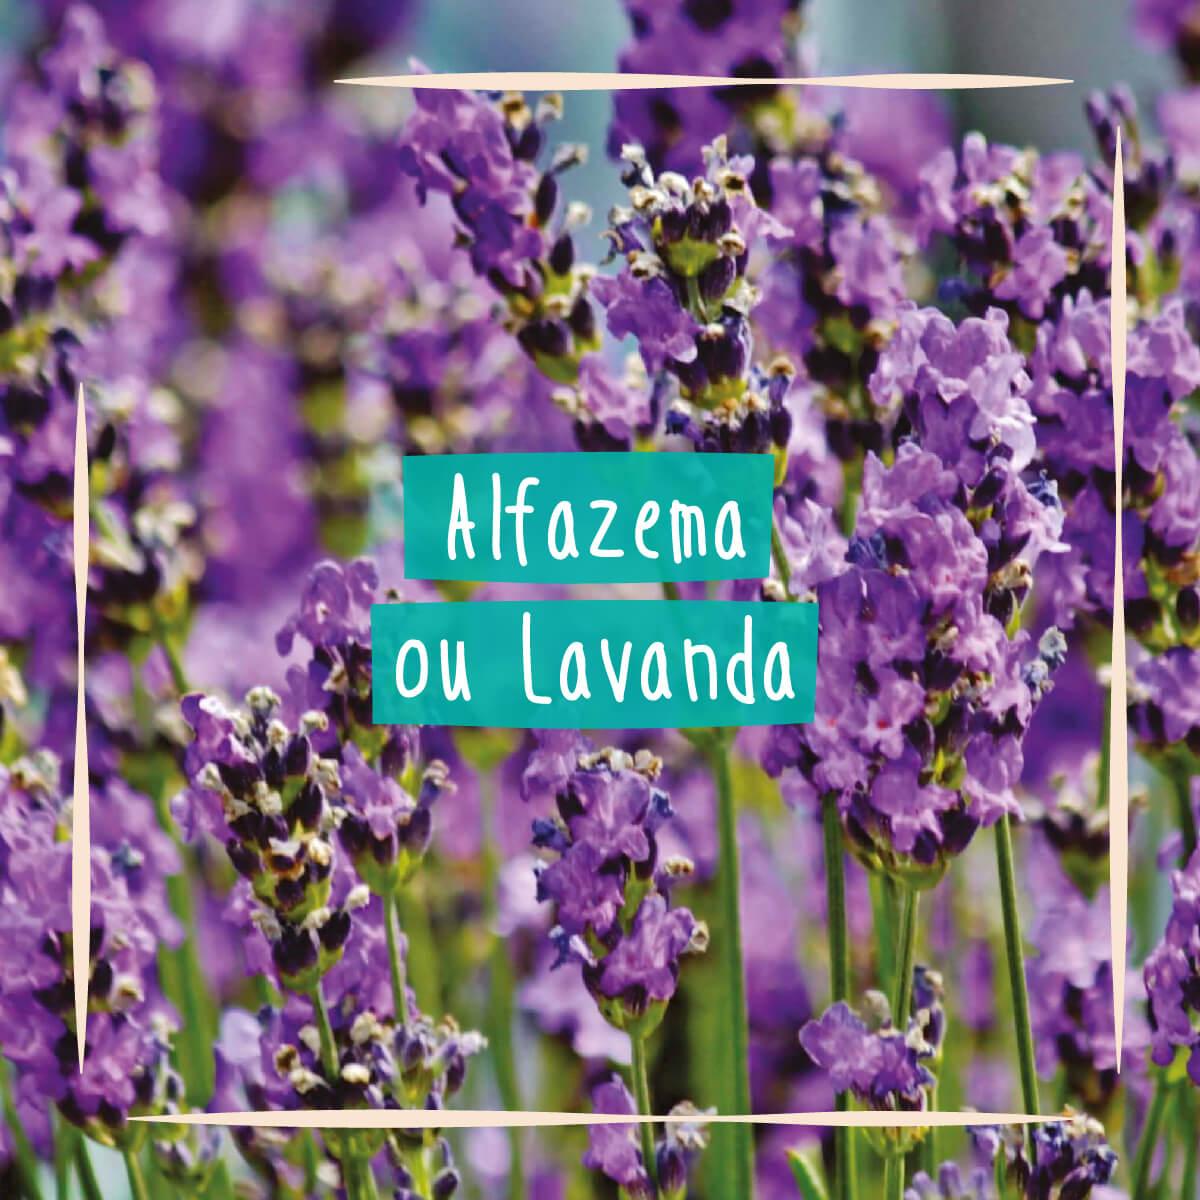 Sementes para plantar Alfazema ou Lavanda em vasos autoirrigáveis RAIZ  - Loja Raiz